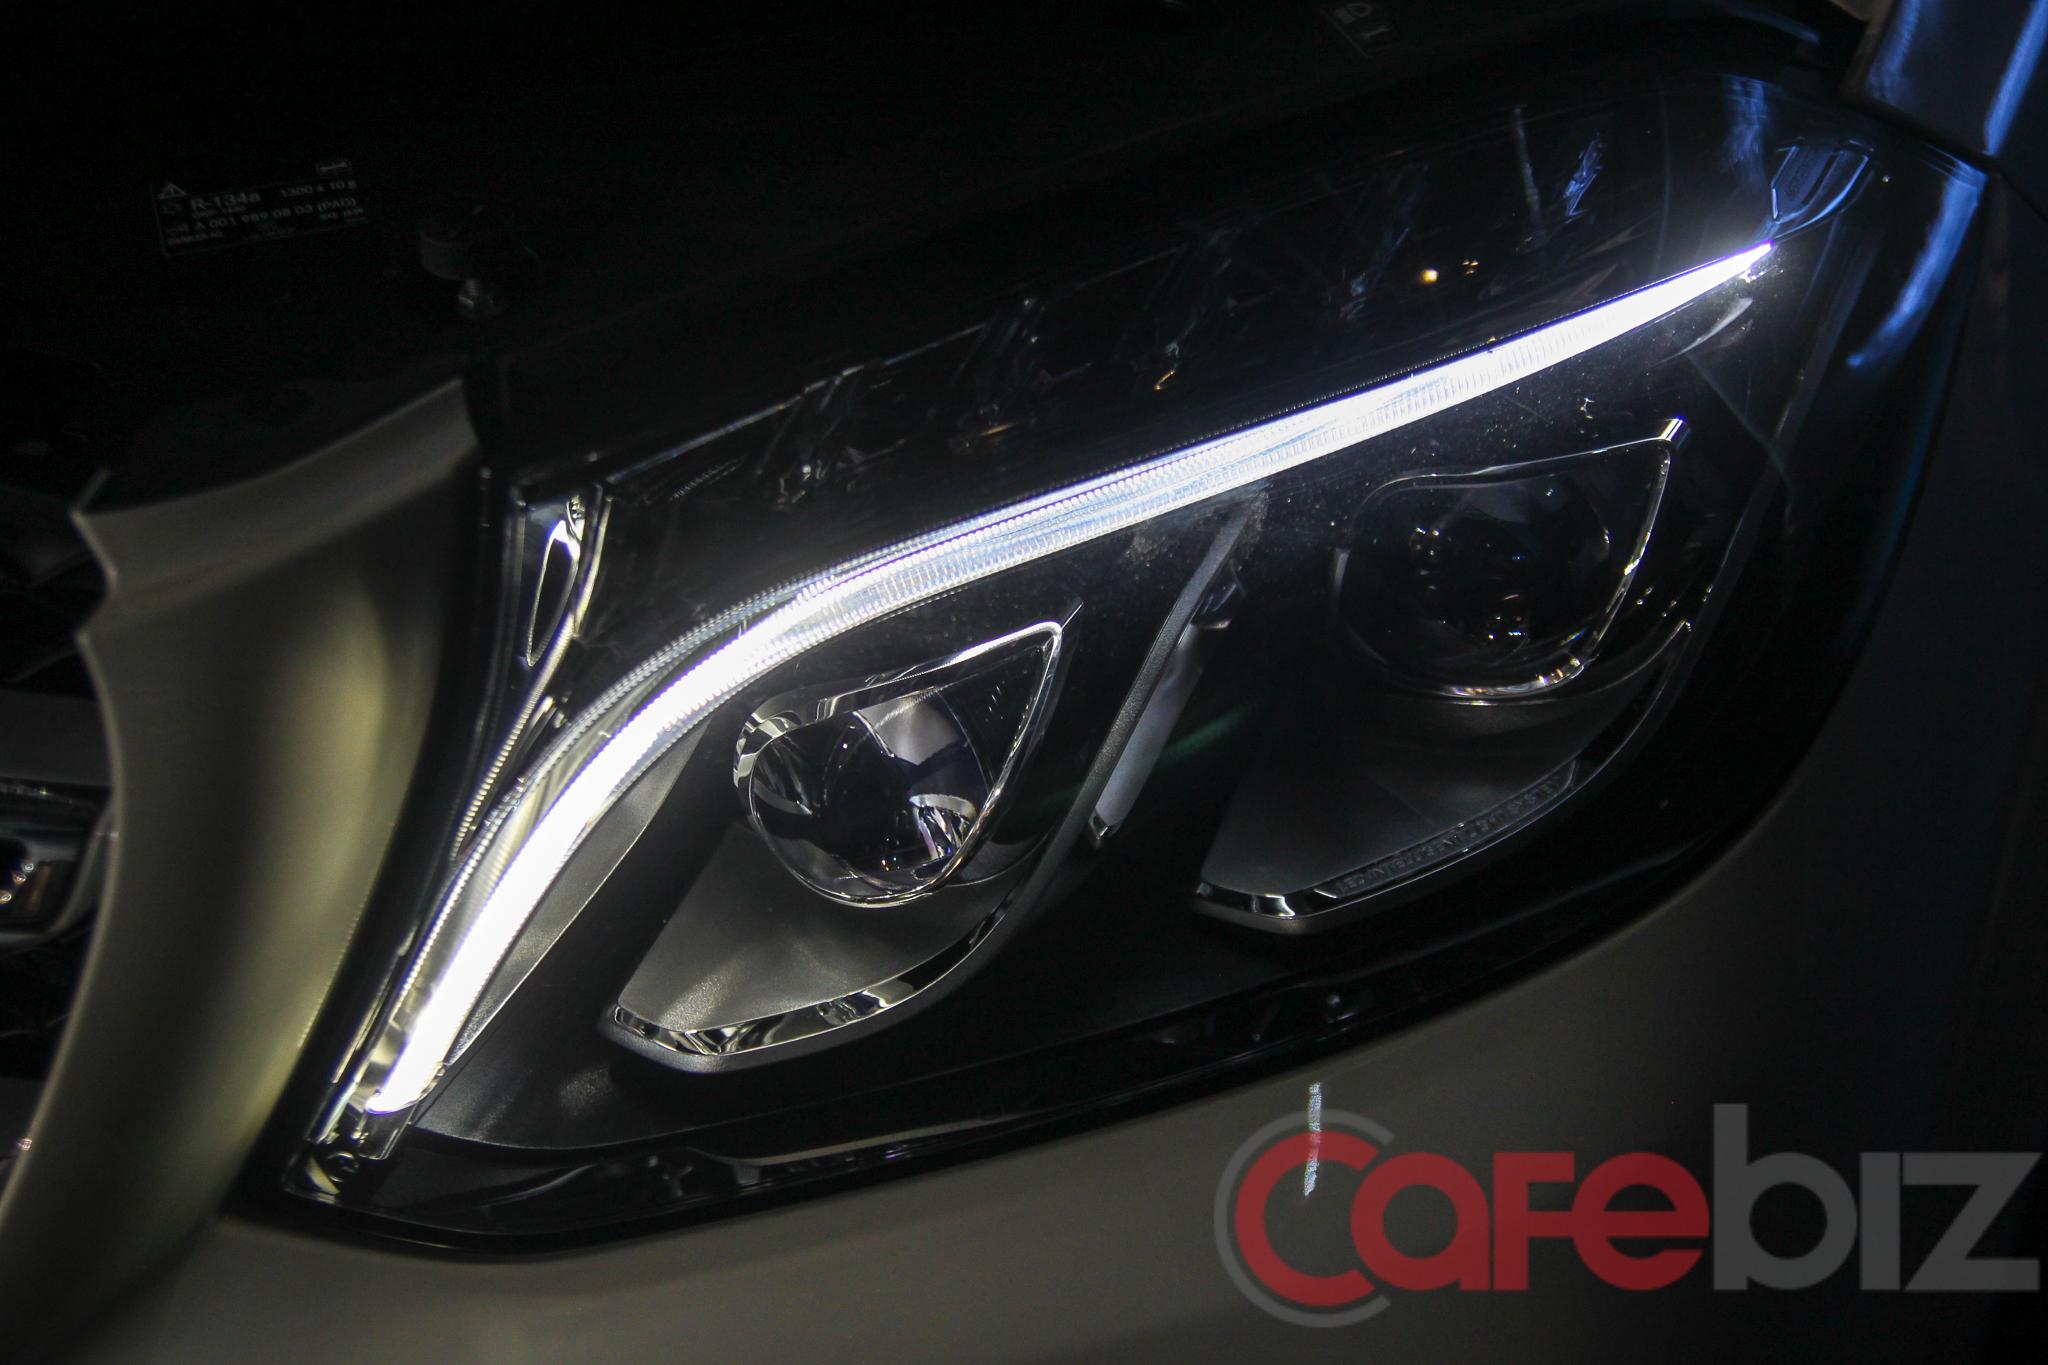 Bộ đèn chiếu sáng LED được sử dụng trên GLS 500 và GLS 63.